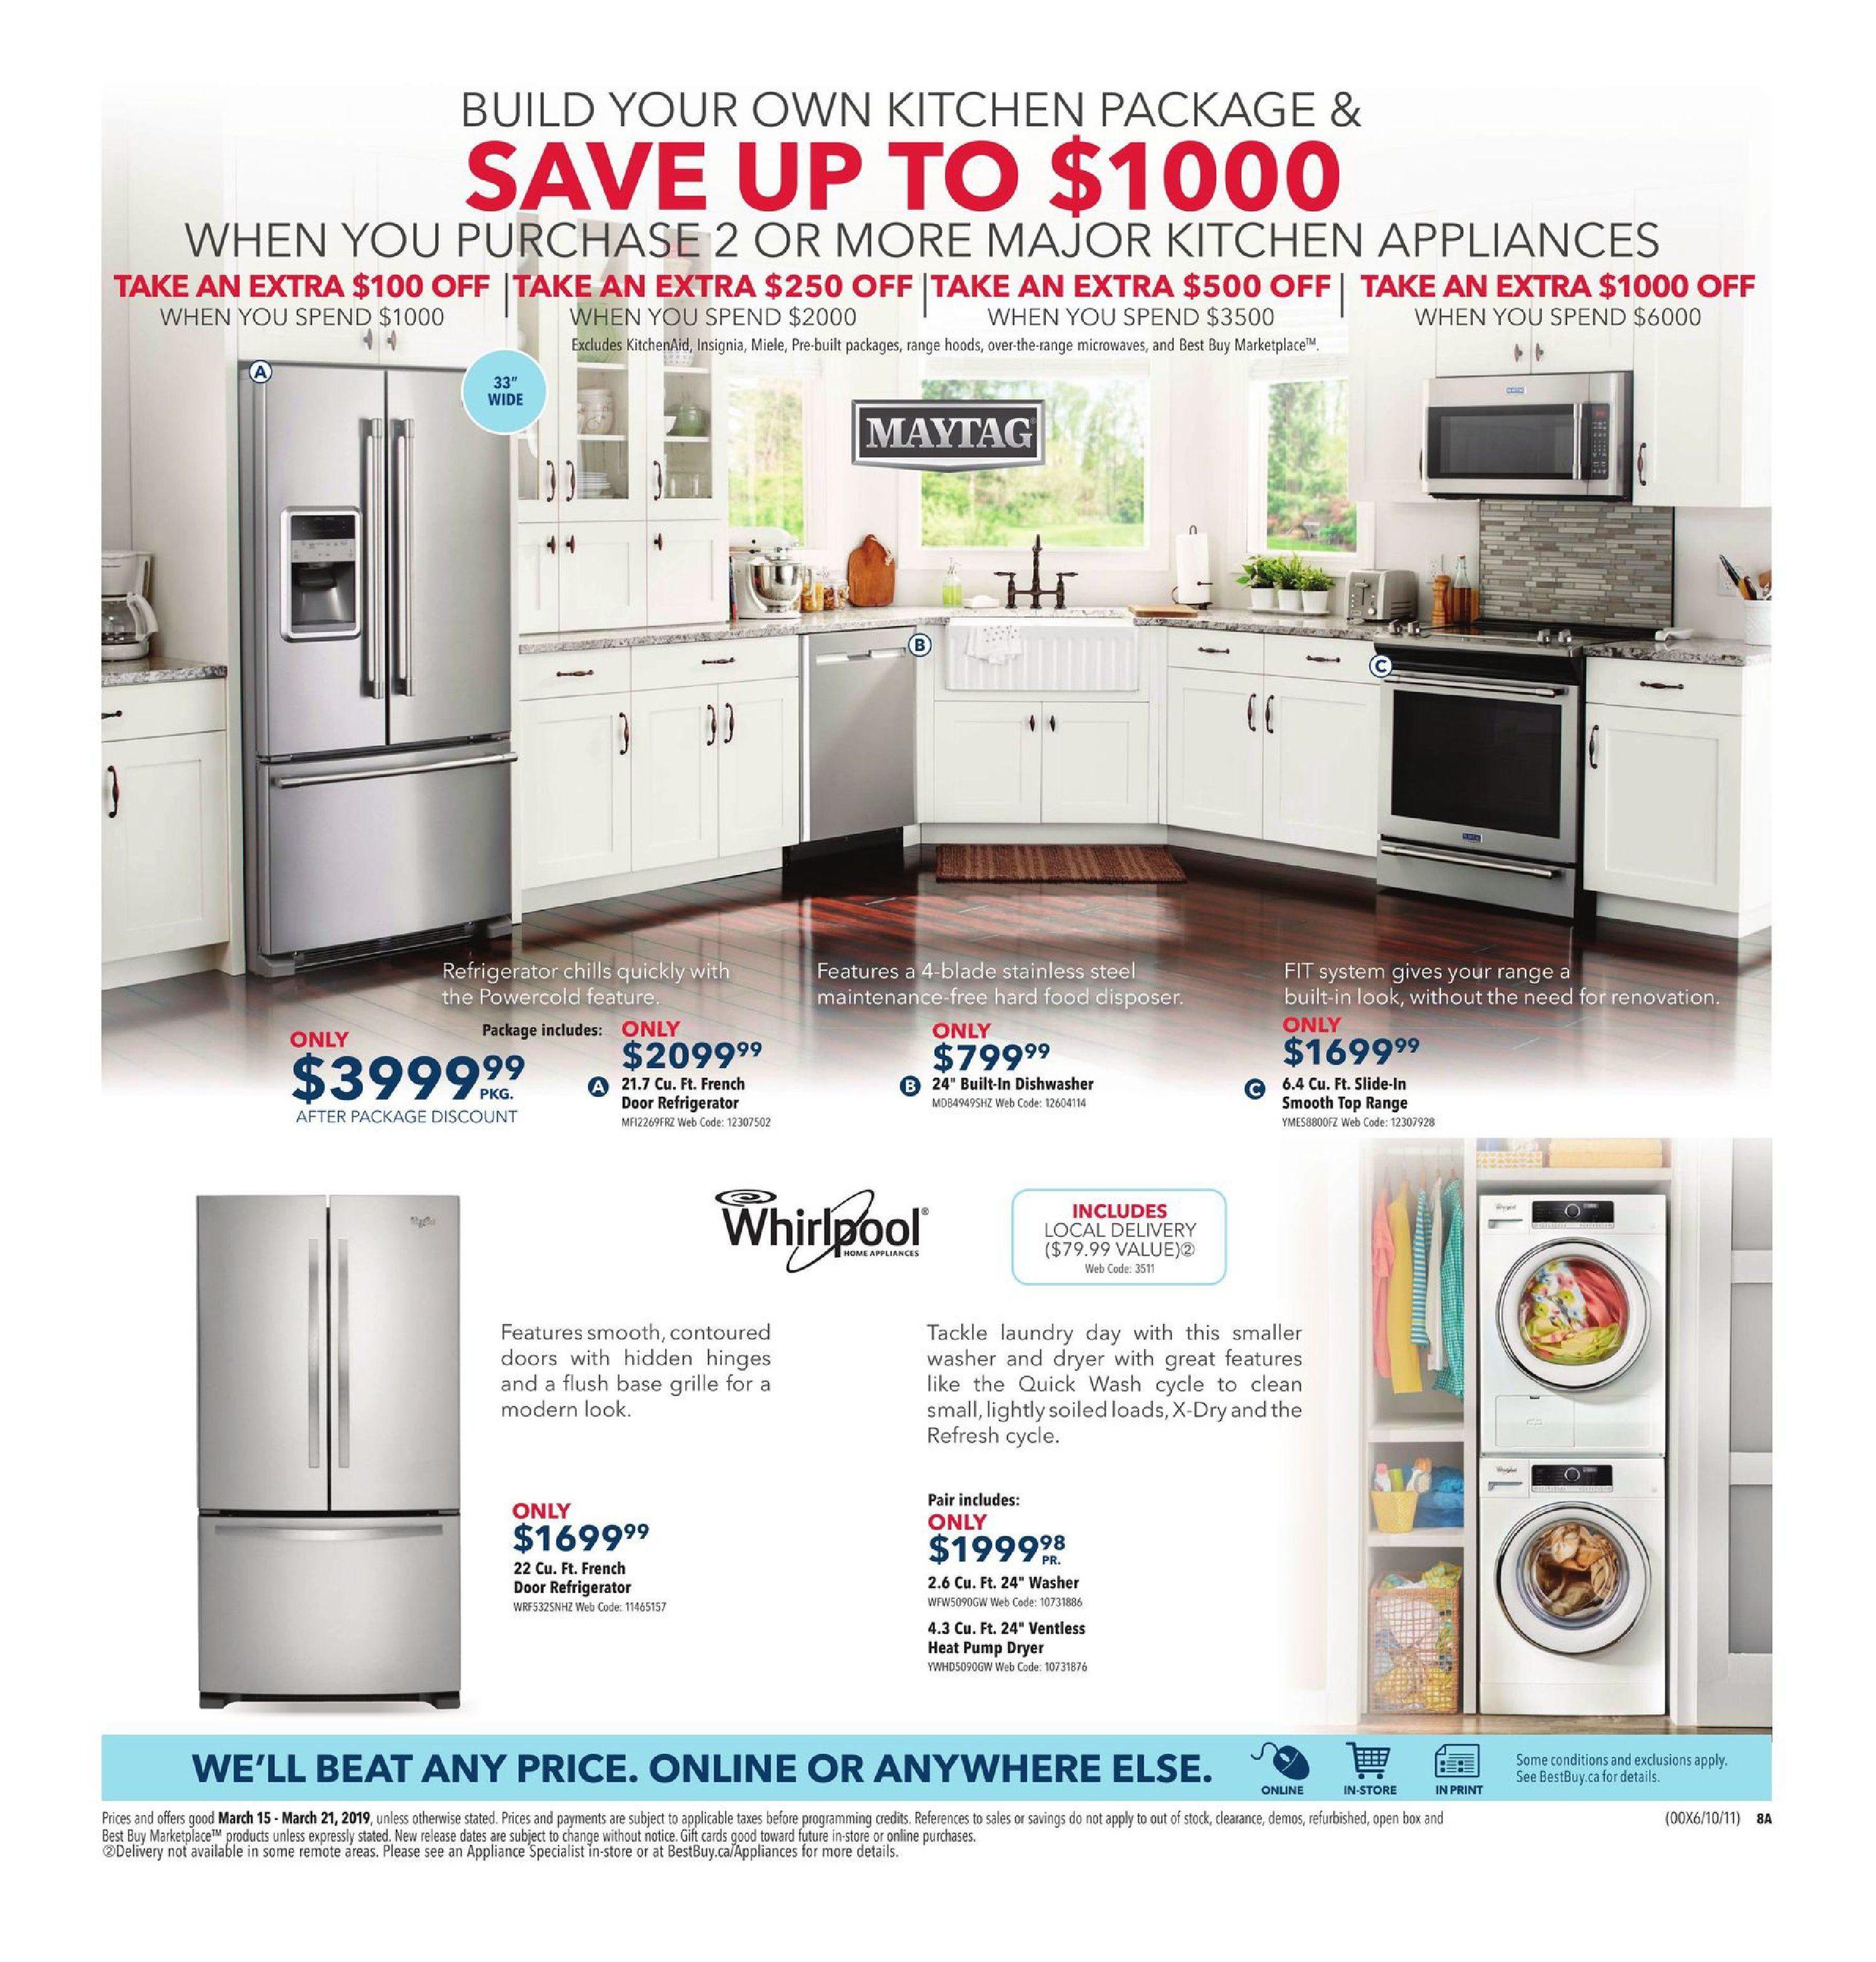 Best Buy Weekly Flyer - Weekly - Huge Savings on Home Tech - Mar 15